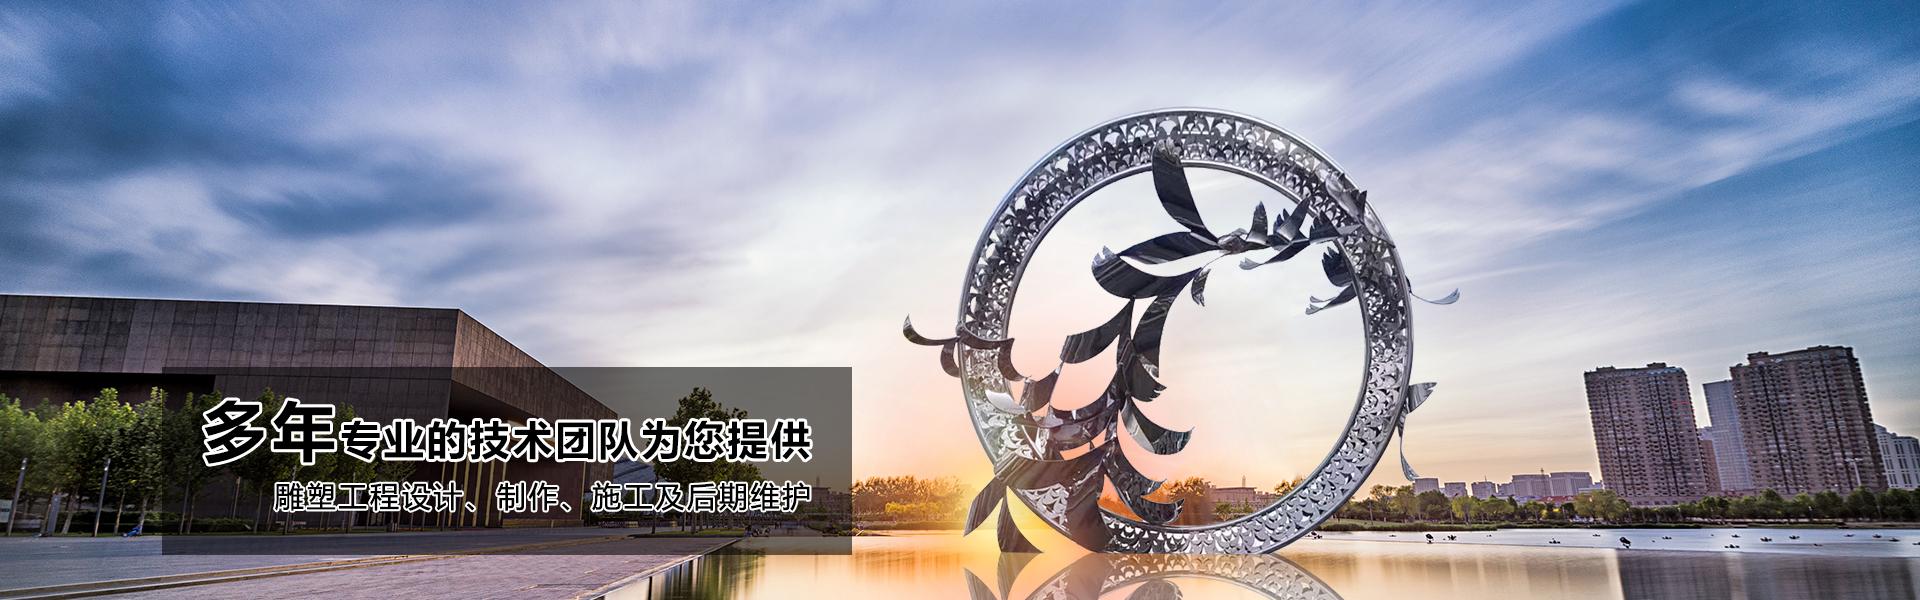 河北铸铜雕塑 河北景观雕塑 河北3D打印 河北水泥假山假树 曲阳雕塑公司